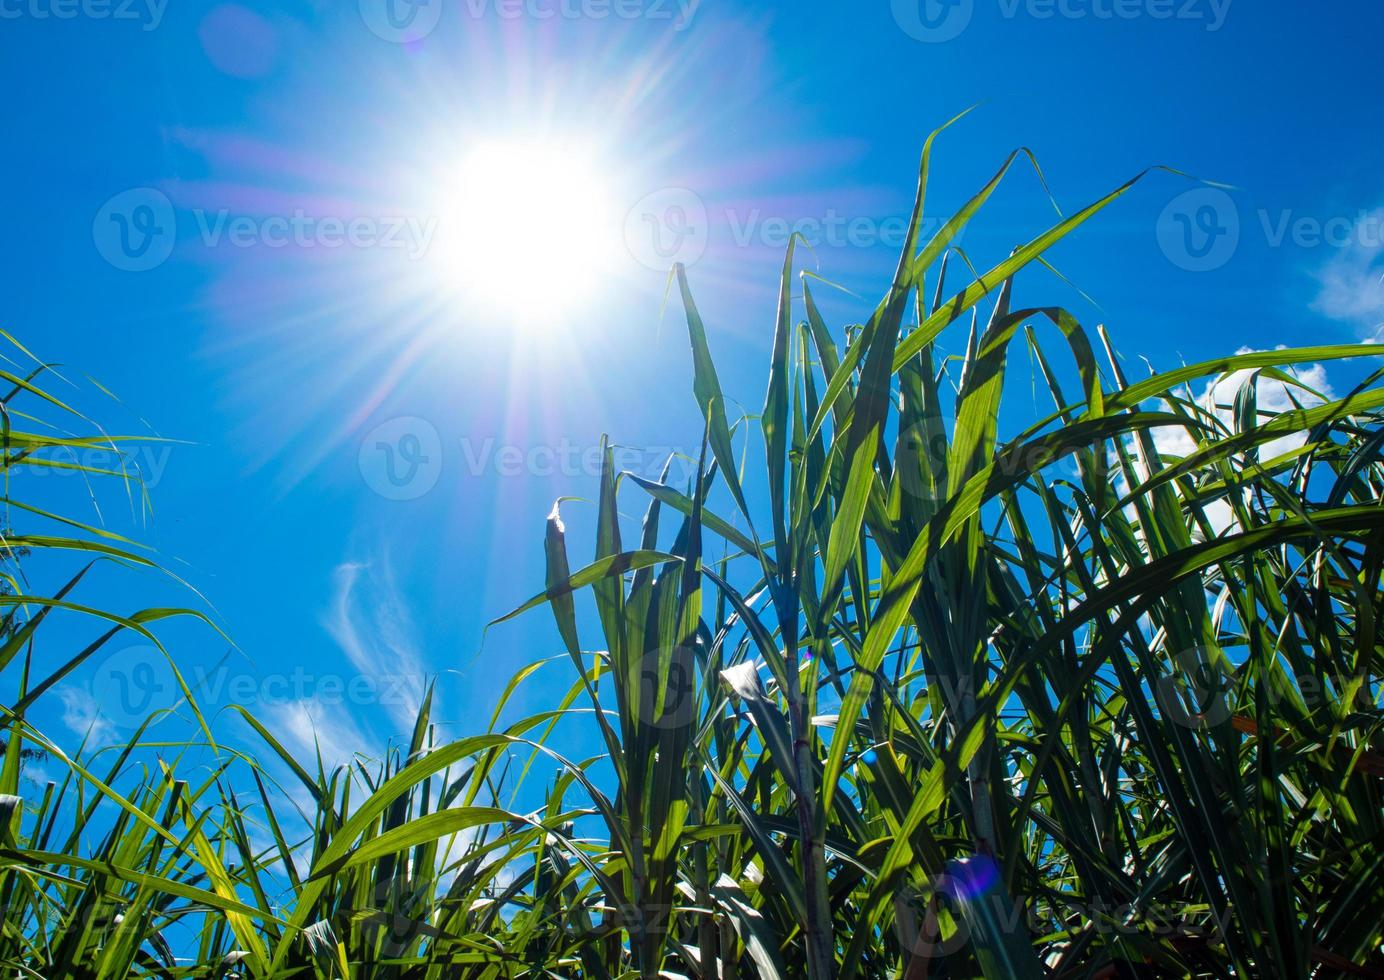 la luz del sol y el cielo azul sobre las hojas de caña de azúcar foto